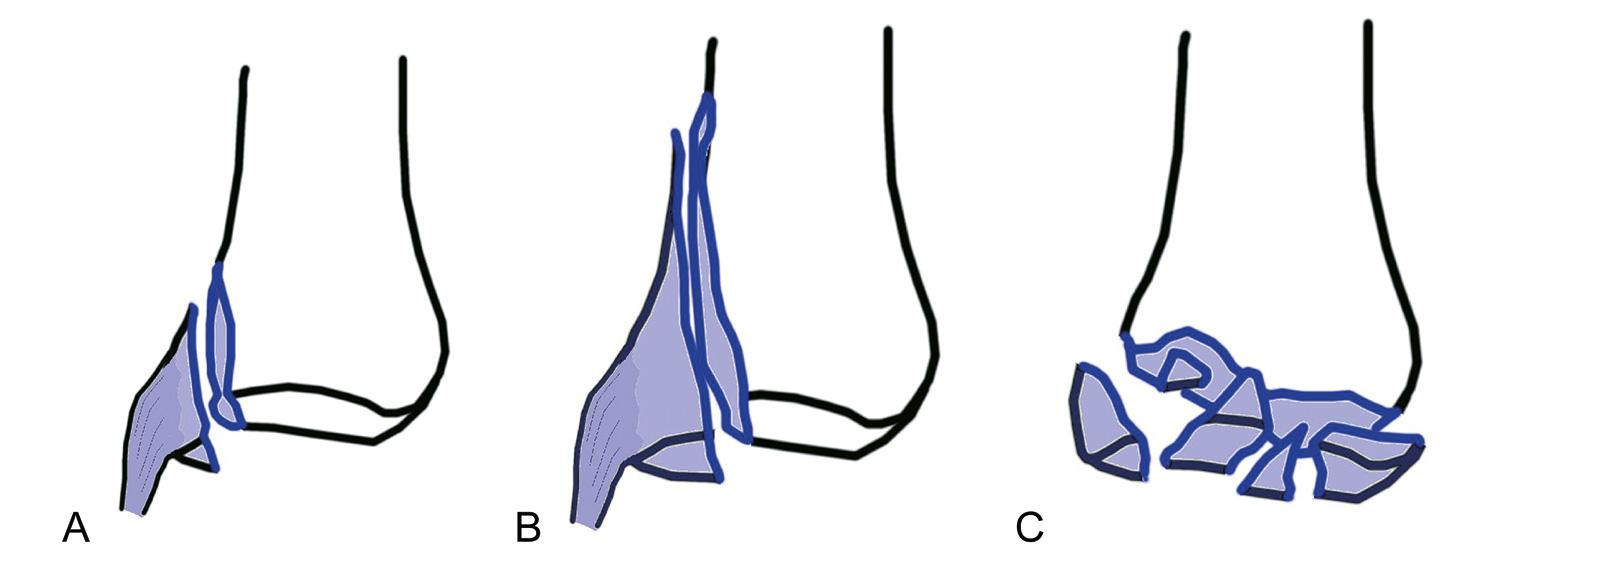 Abb. 7-4: Intraartikuläre Frakturen der Basis der proximalen Phalanx: knöcherner Ausriss des Seitenbandes (A), vertikaler Scherfraktur (B) und Trümmerfraktur (C)